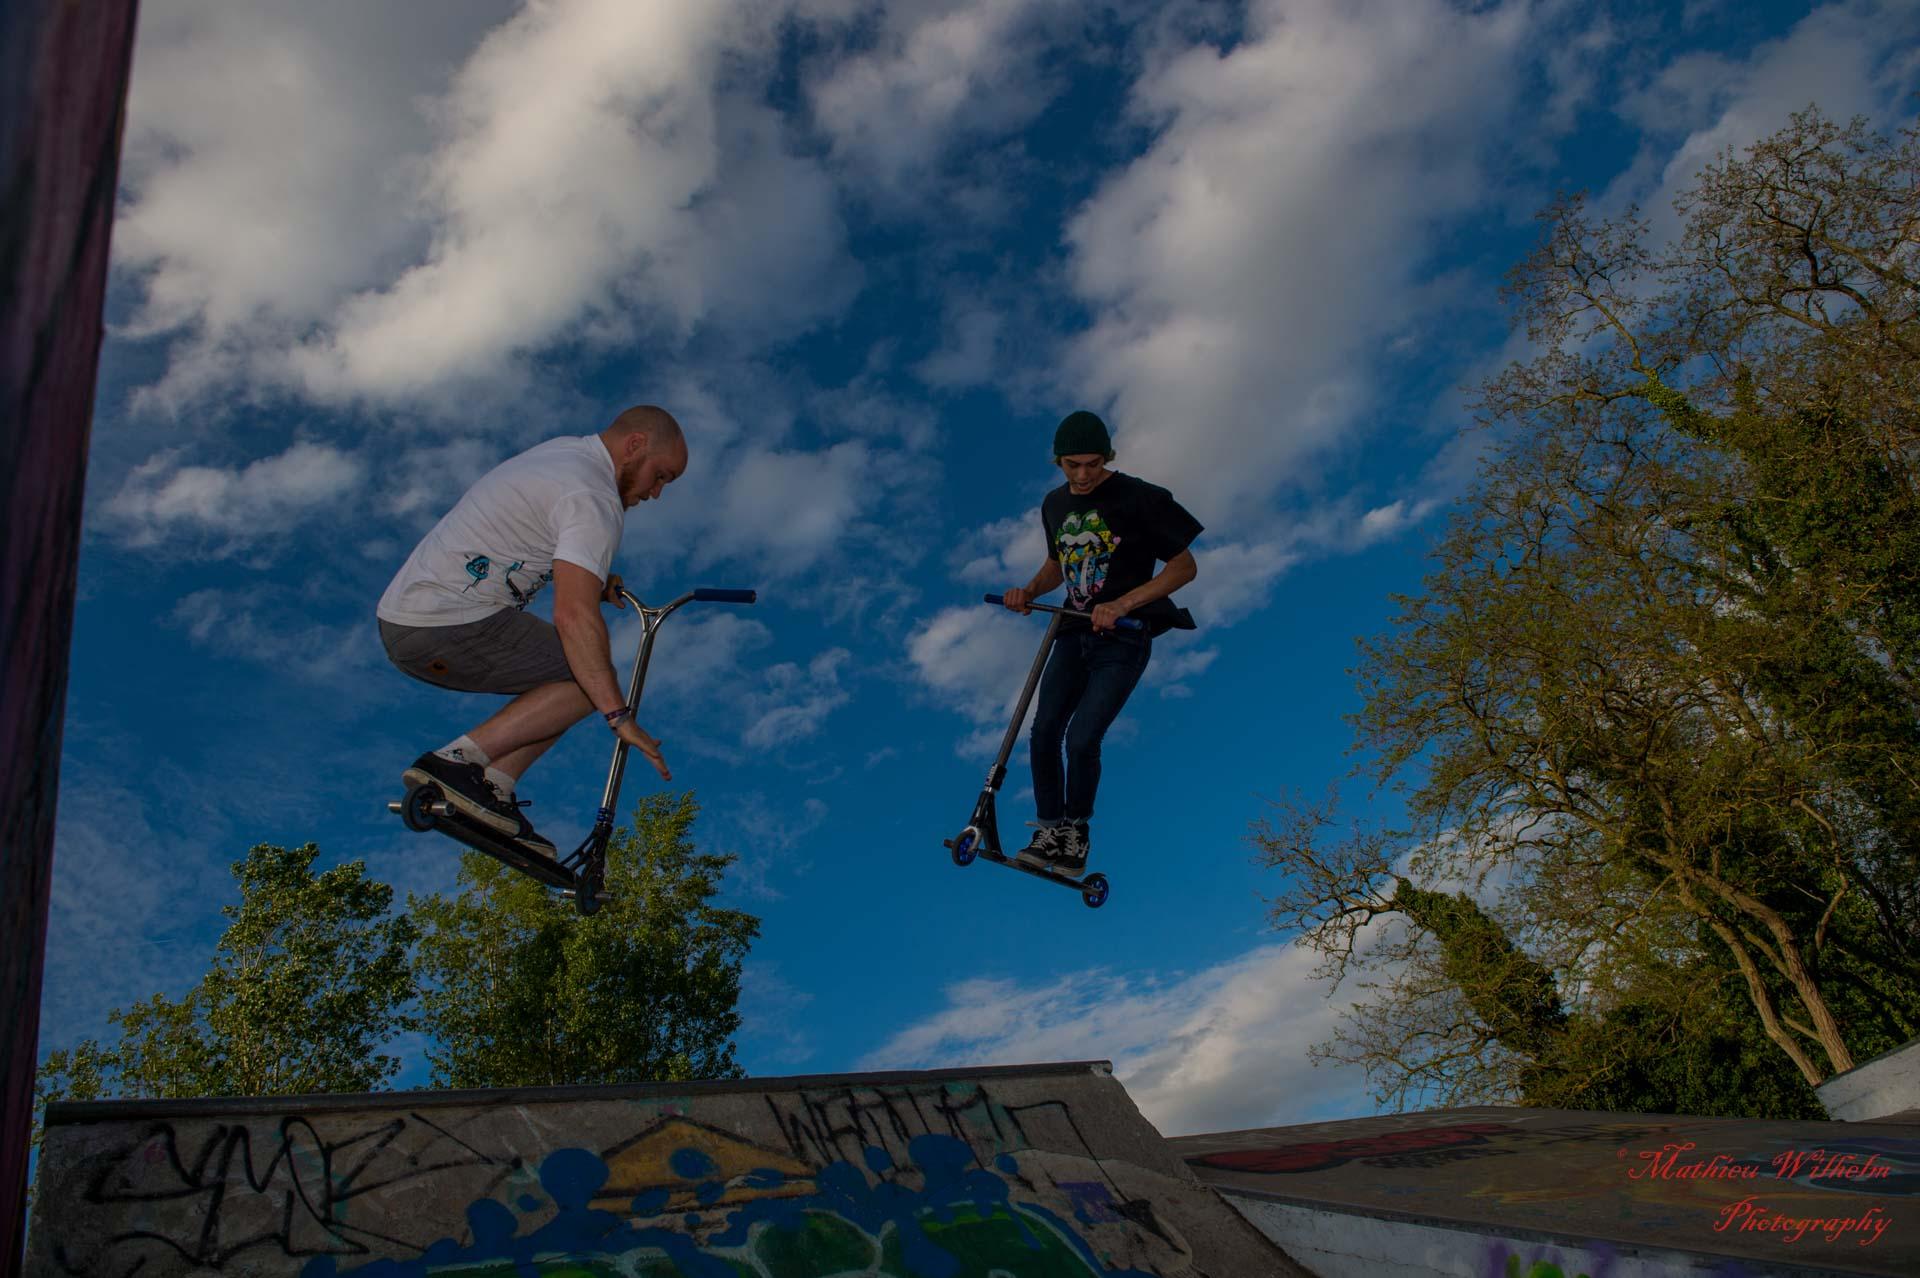 2018-04-25 Skate parc cernay (44)